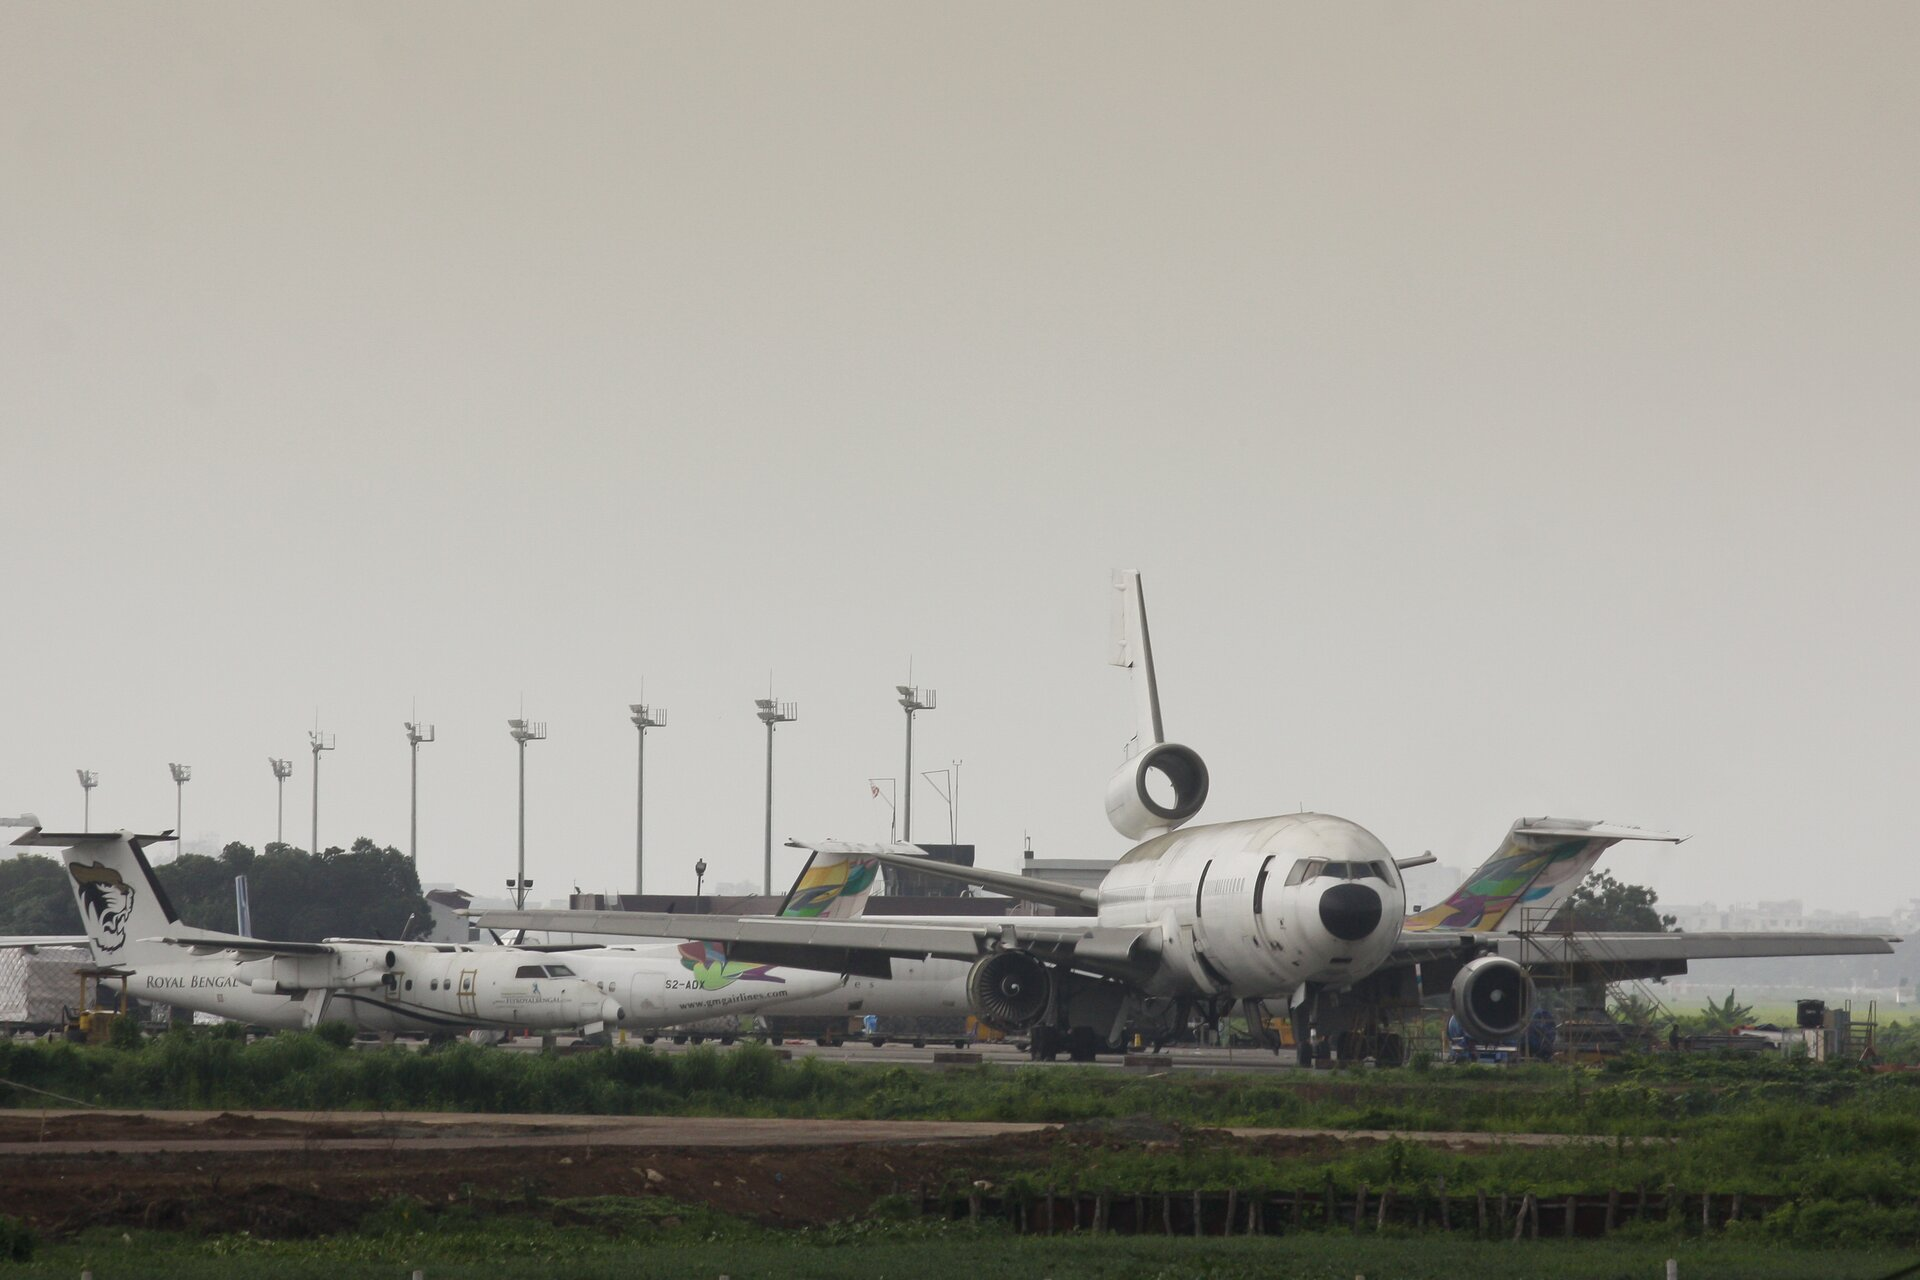 Cmentarzysko samolotów Źródło: Faisal Akram, fotografia, licencja: CC BY-SA 2.0.